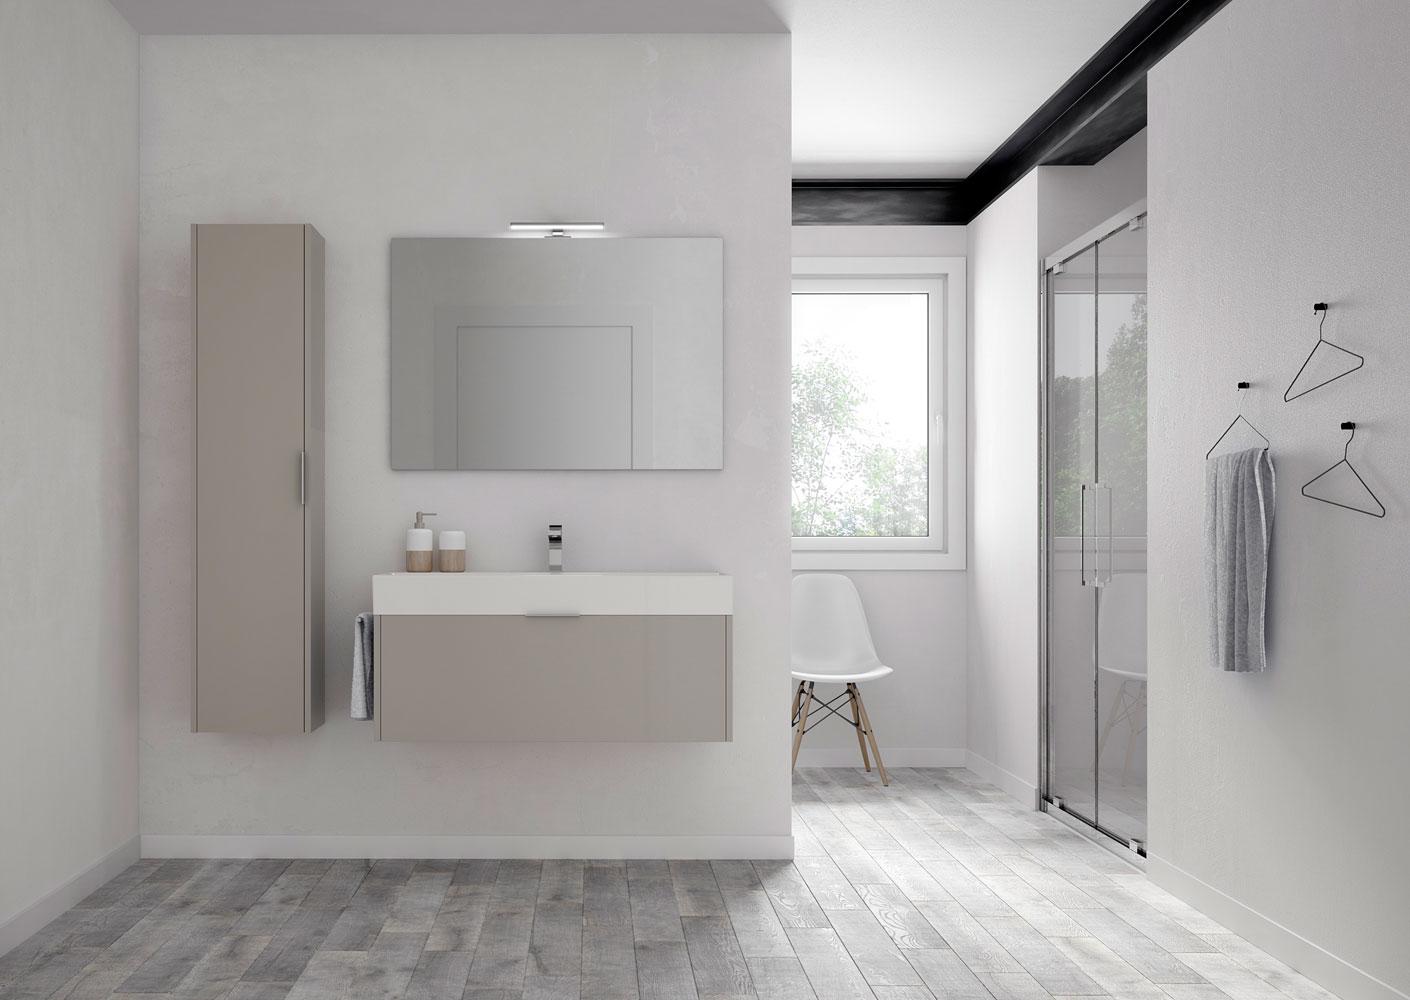 Basic des meubles de salle de bains fonctionnelles for Mobili scontatissimi